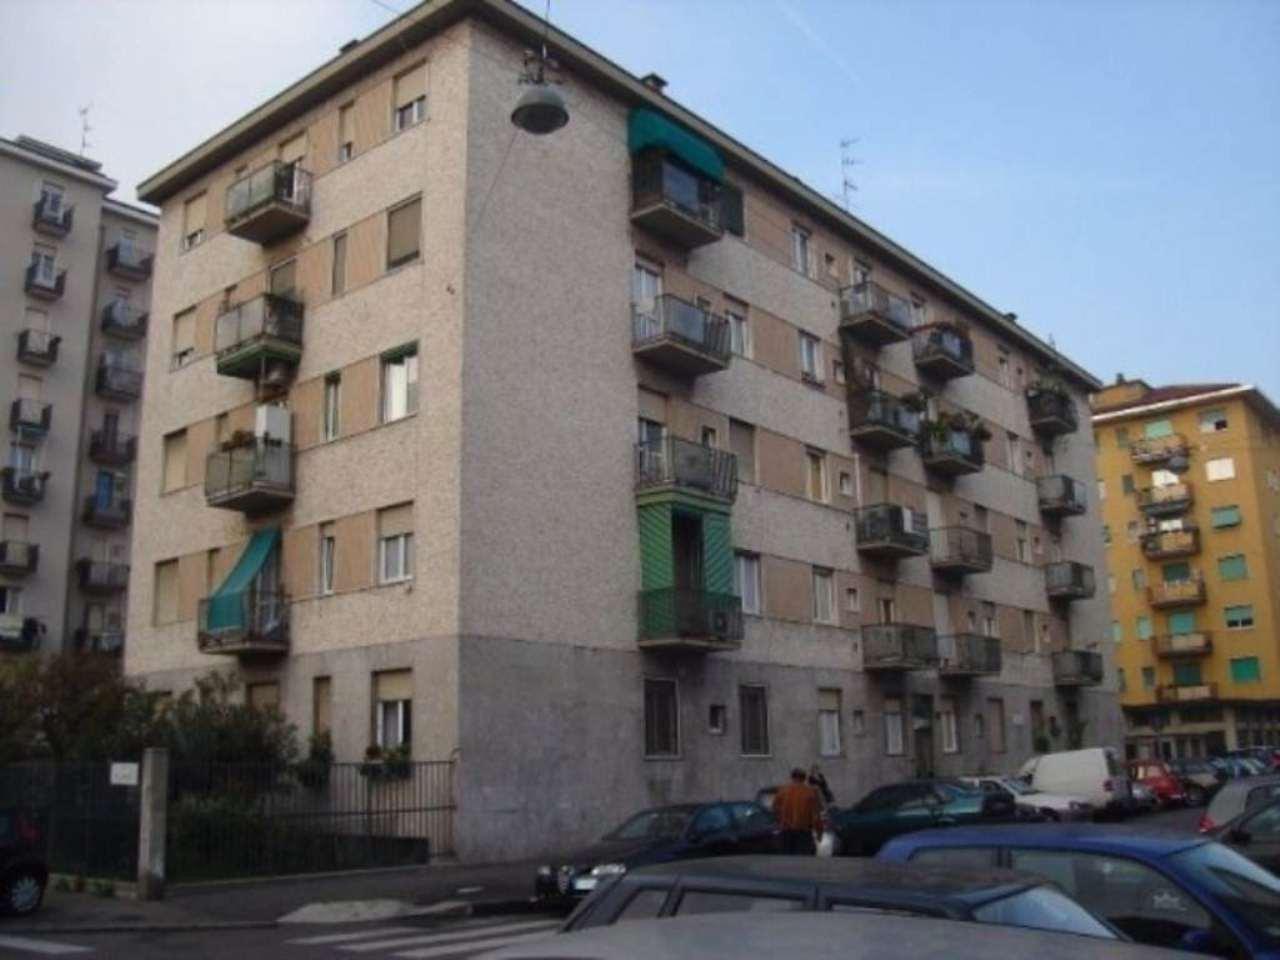 Appartamento in vendita a Milano, 1 locali, zona Zona: 7 . Corvetto, Lodi, Forlanini, Umbria, Rogoredo, prezzo € 97.000 | Cambio Casa.it